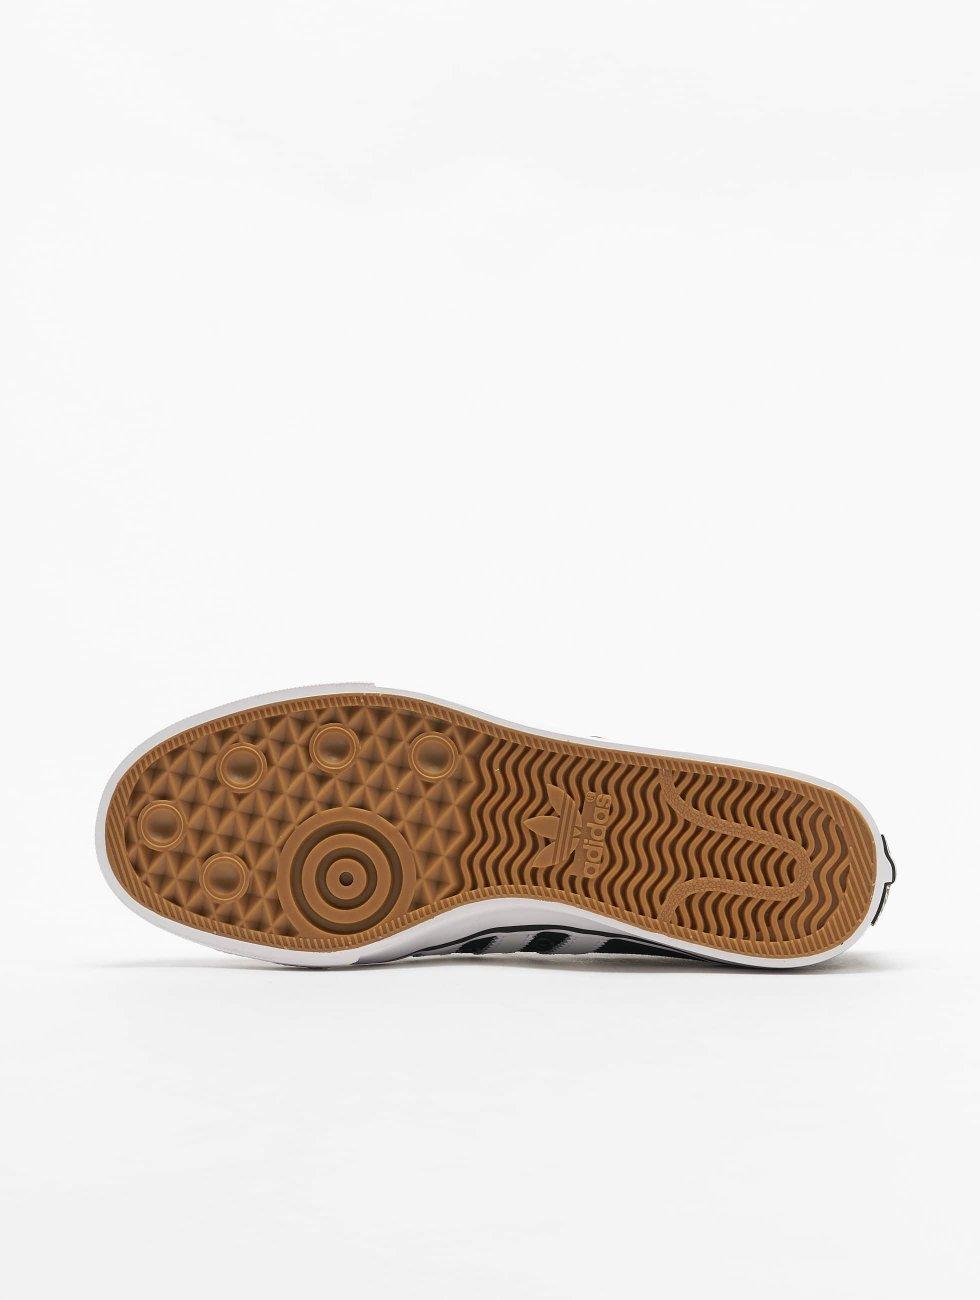 Adidas Originals Scarpa / Sneaker A Nizza Nero 436 308 j3JZy